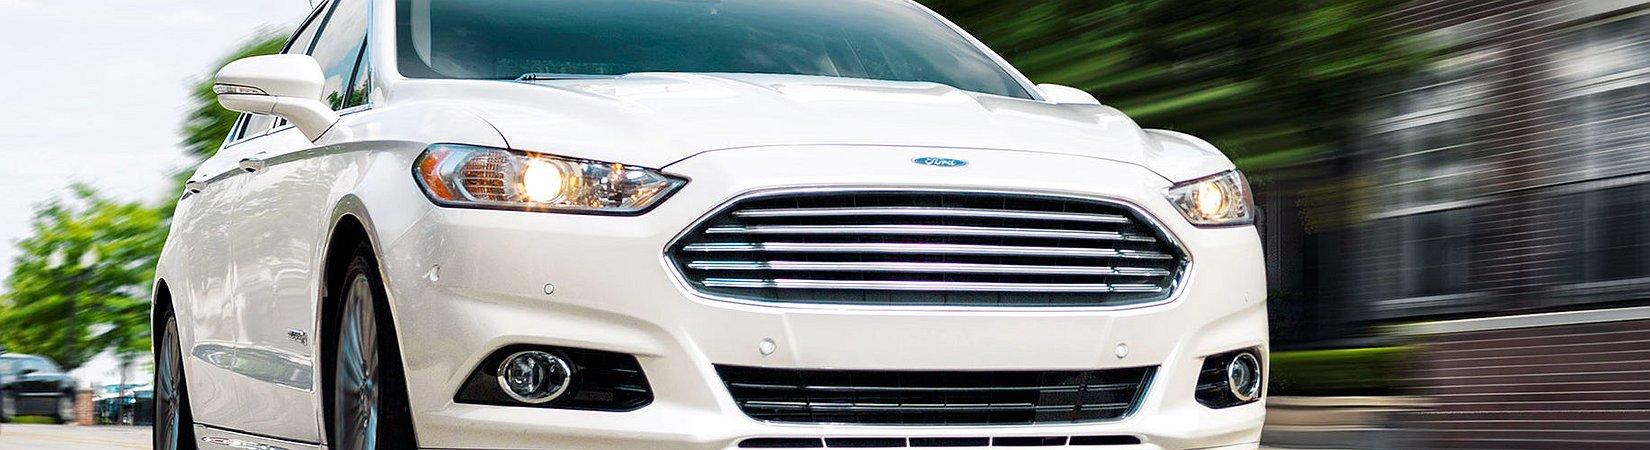 Ford va a invertir 1.000 millones de dólares en el desarrollo de vehículos autónomos